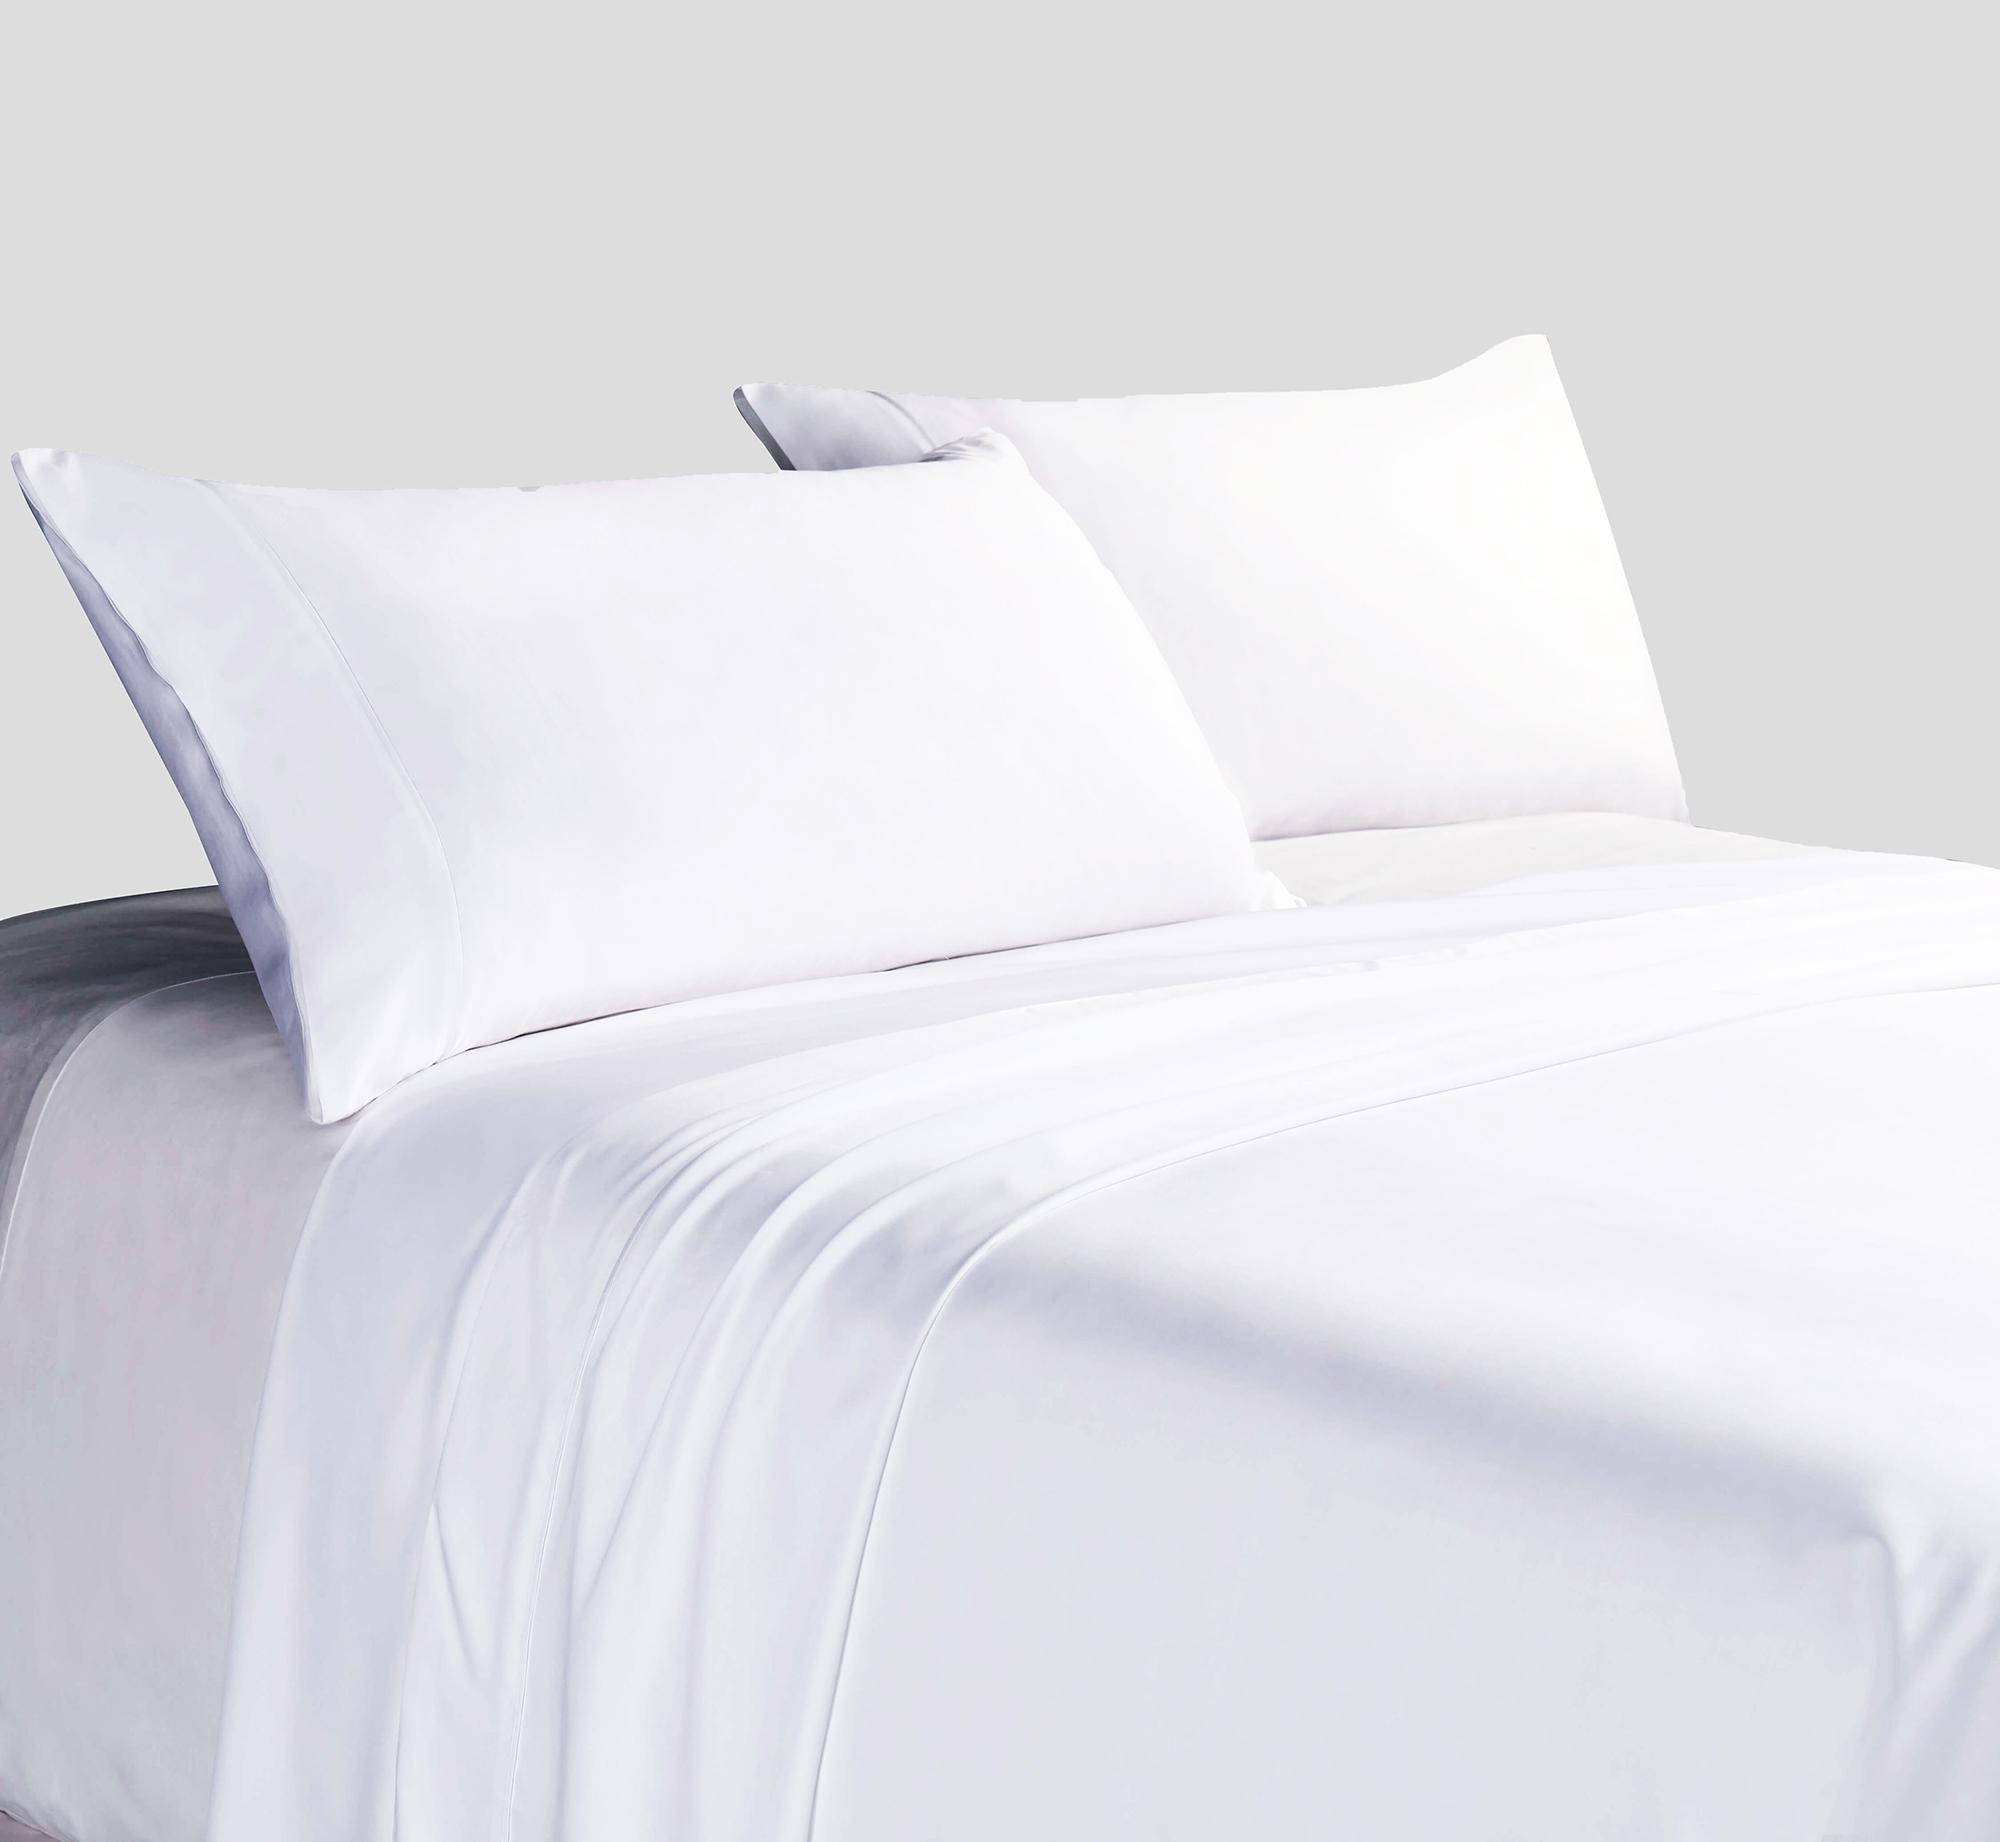 Eucalypso-Ultra-Clean-Pillowcases-Set - Give a girl an upgrade!